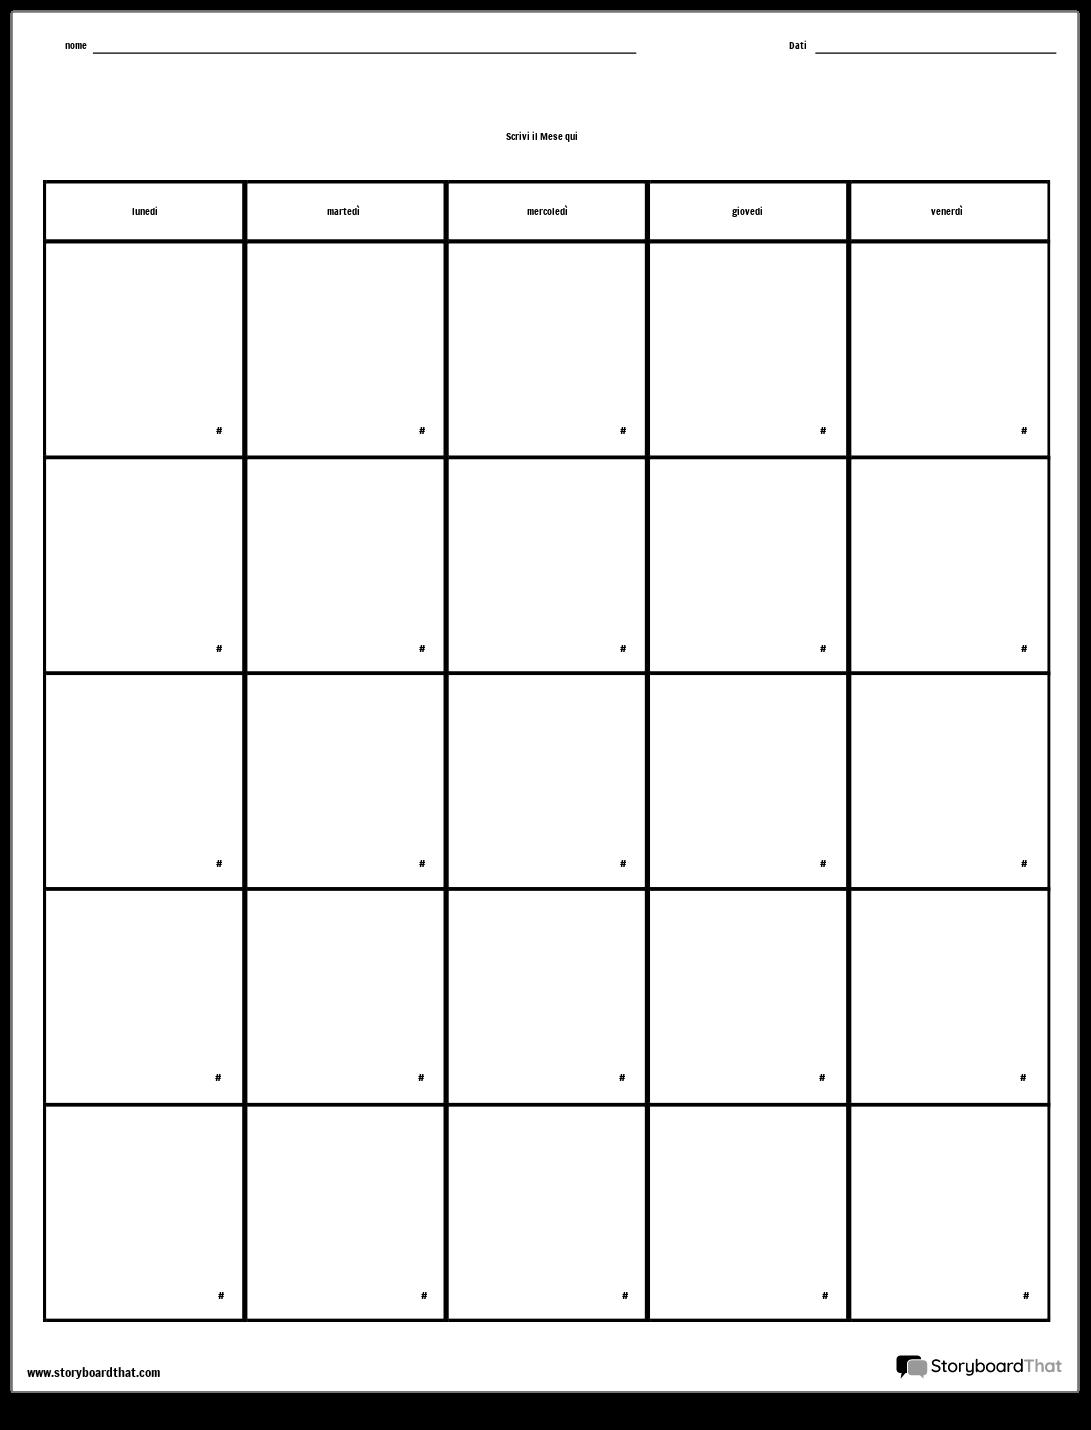 Settimane Calendario 2020.Settimana Calendario Calendario 2020